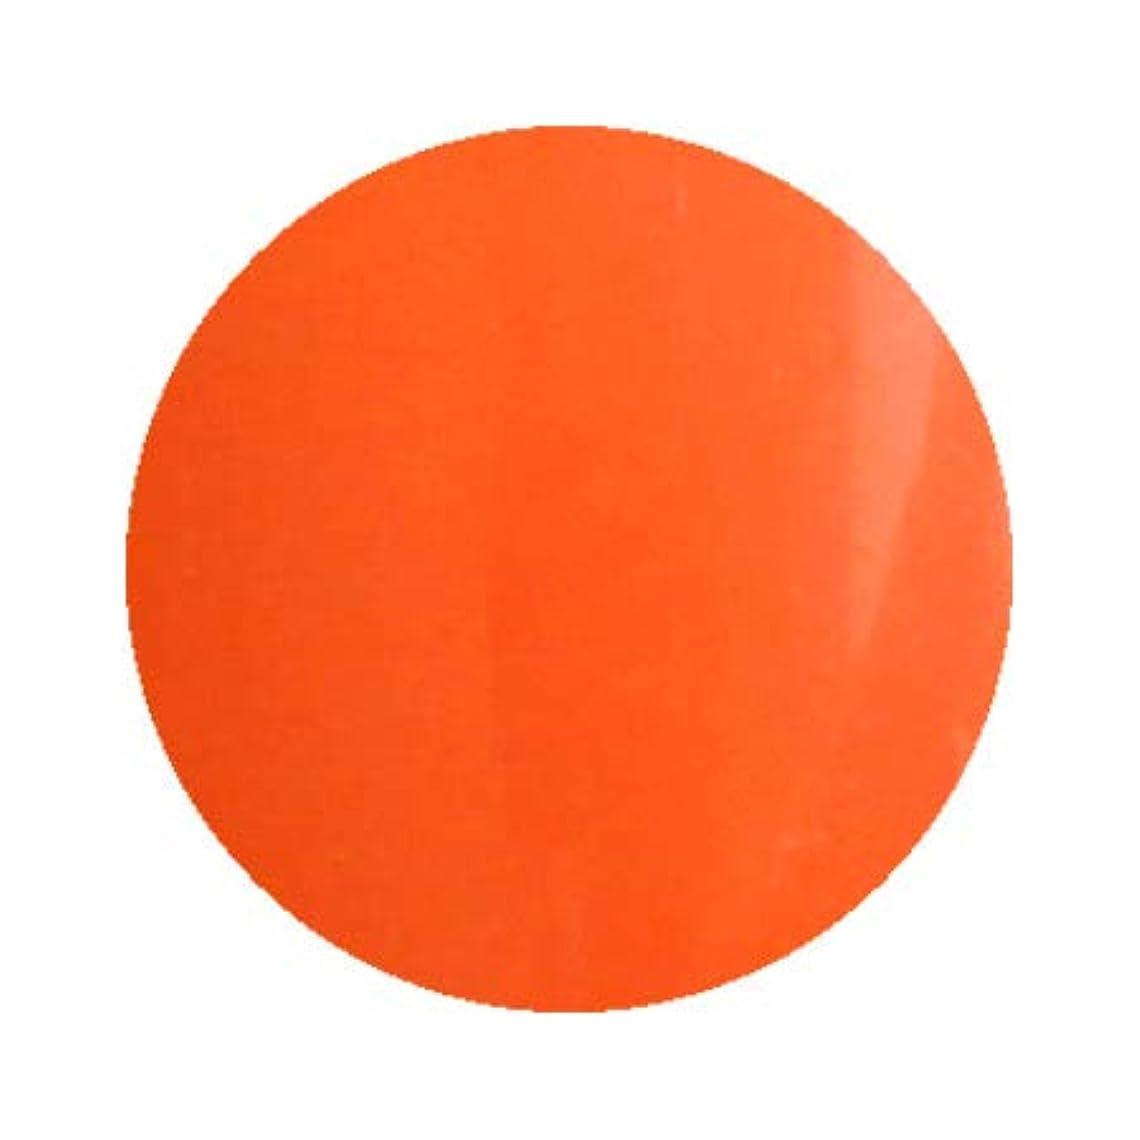 減らすブラインドコンテンポラリーInity アイニティ ハイエンドカラー OR-03M サーモンオレンジ 3g